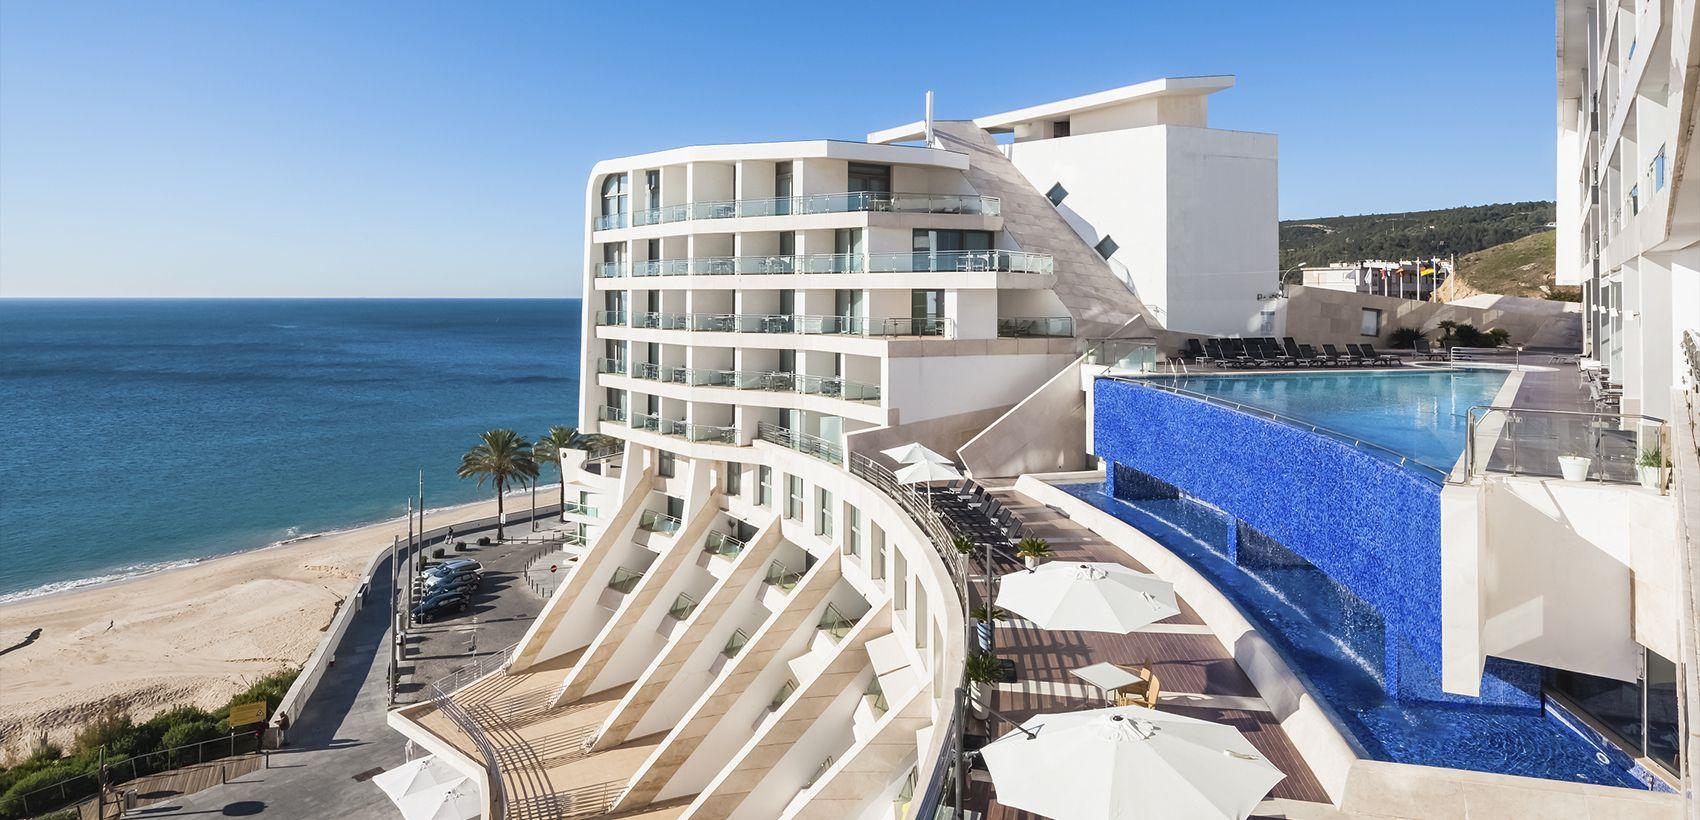 Sesimbra Hotel & Spa: Verão